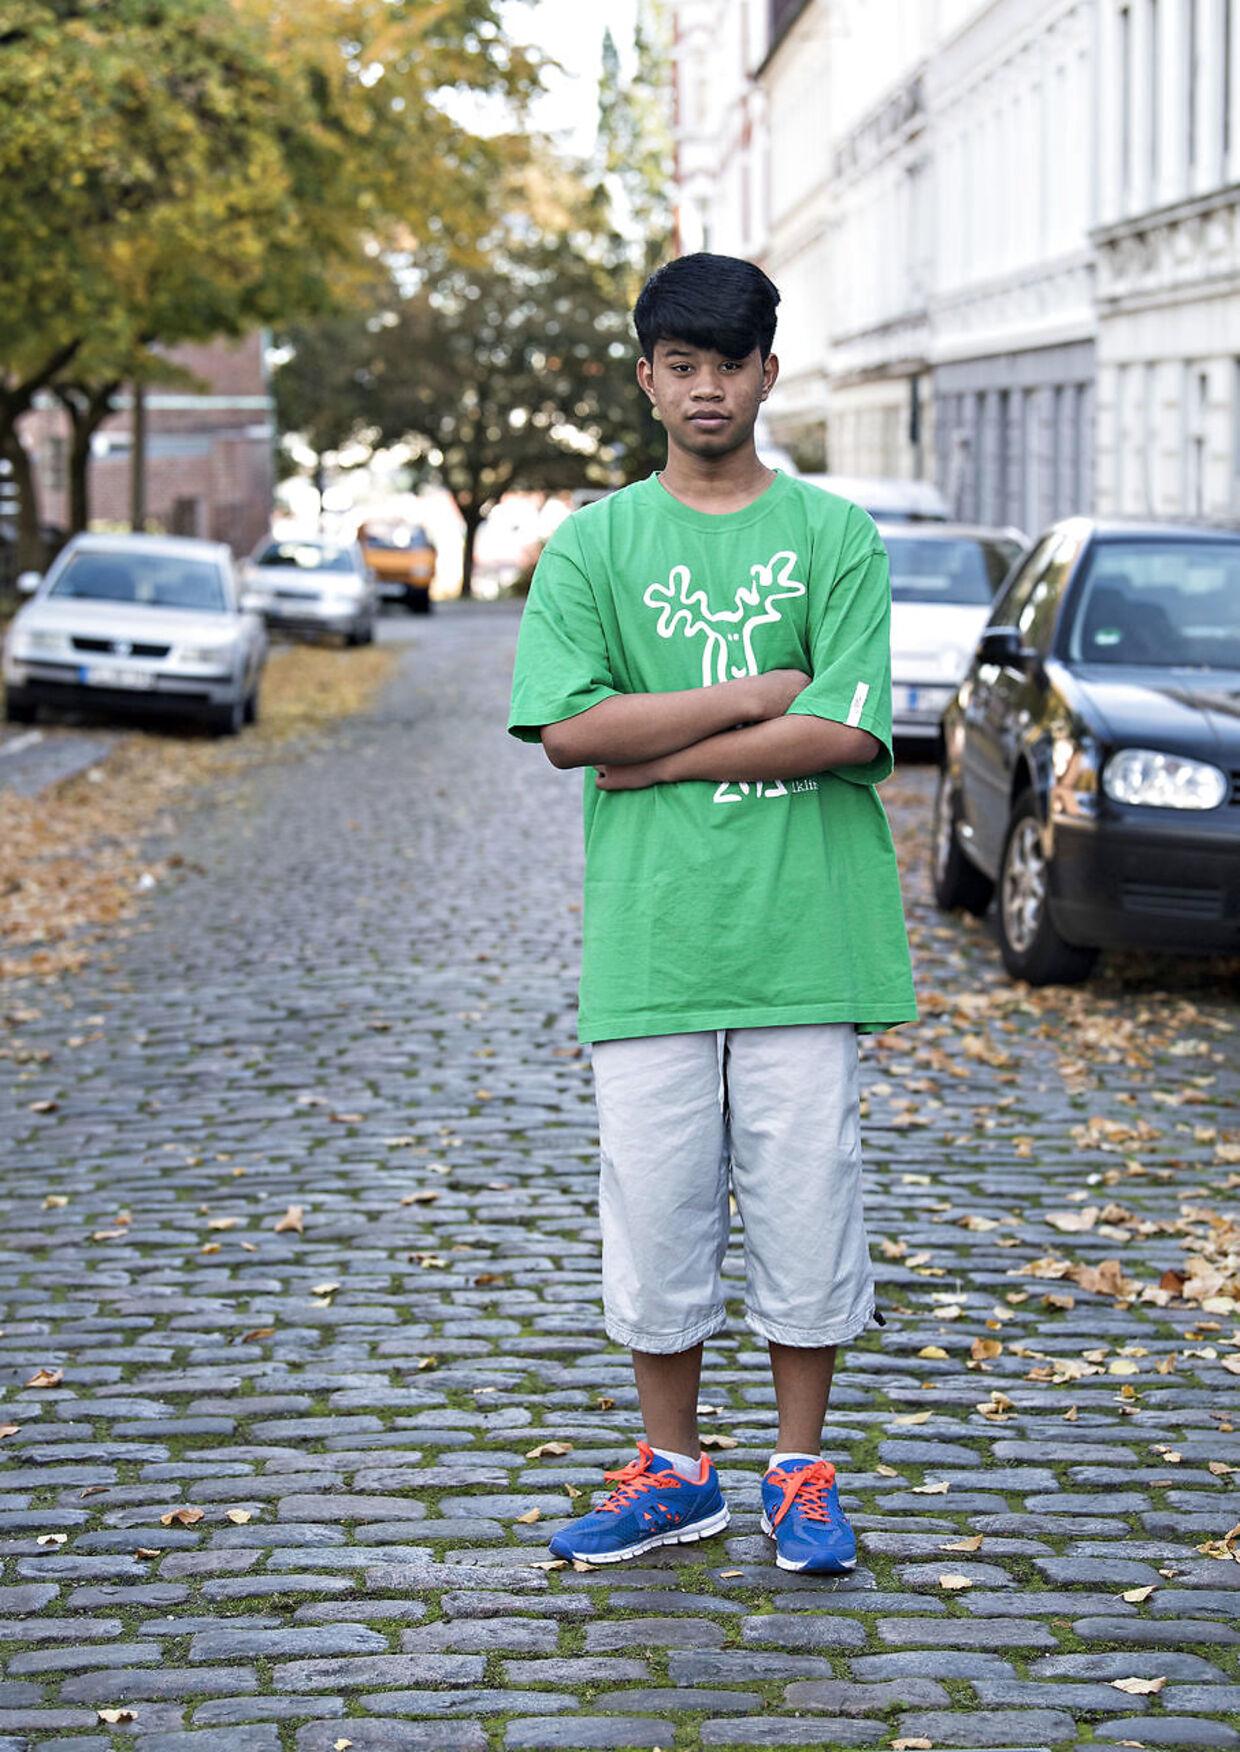 Birdie uden for lejligheden i Flensborg, hvor de har boet de seneste mange måneder.